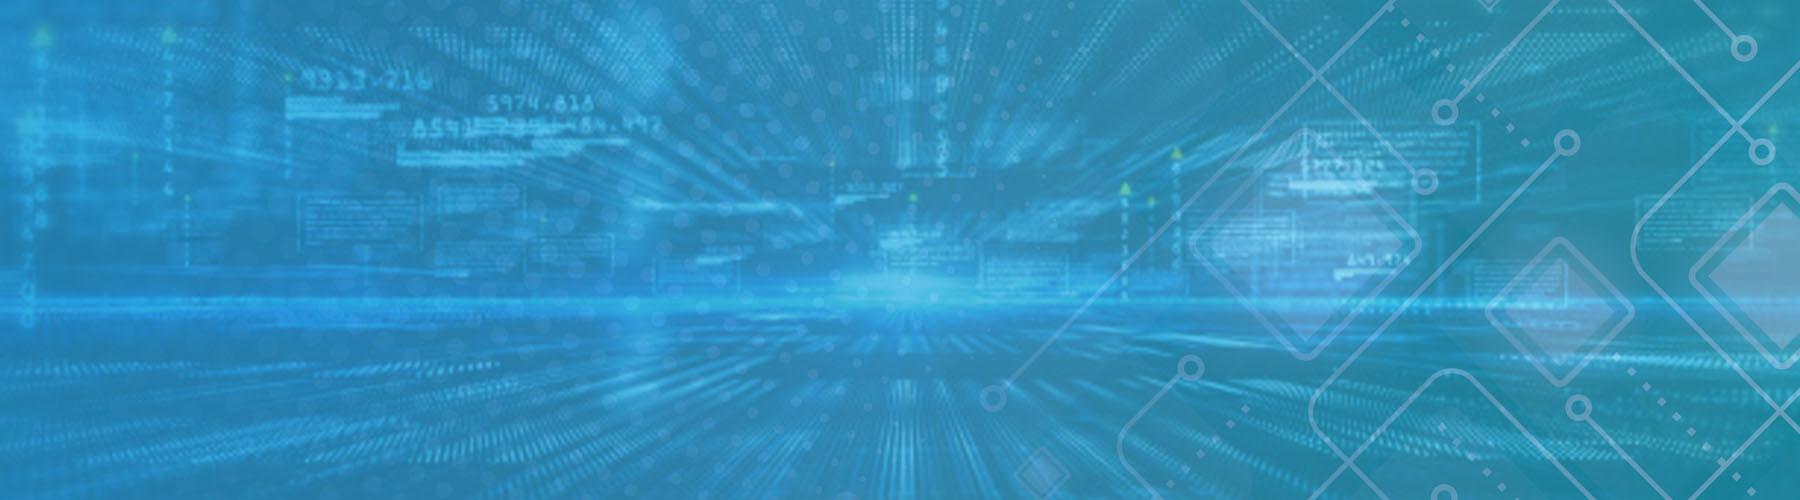 Sauvegarde données externalisée cloud stockage